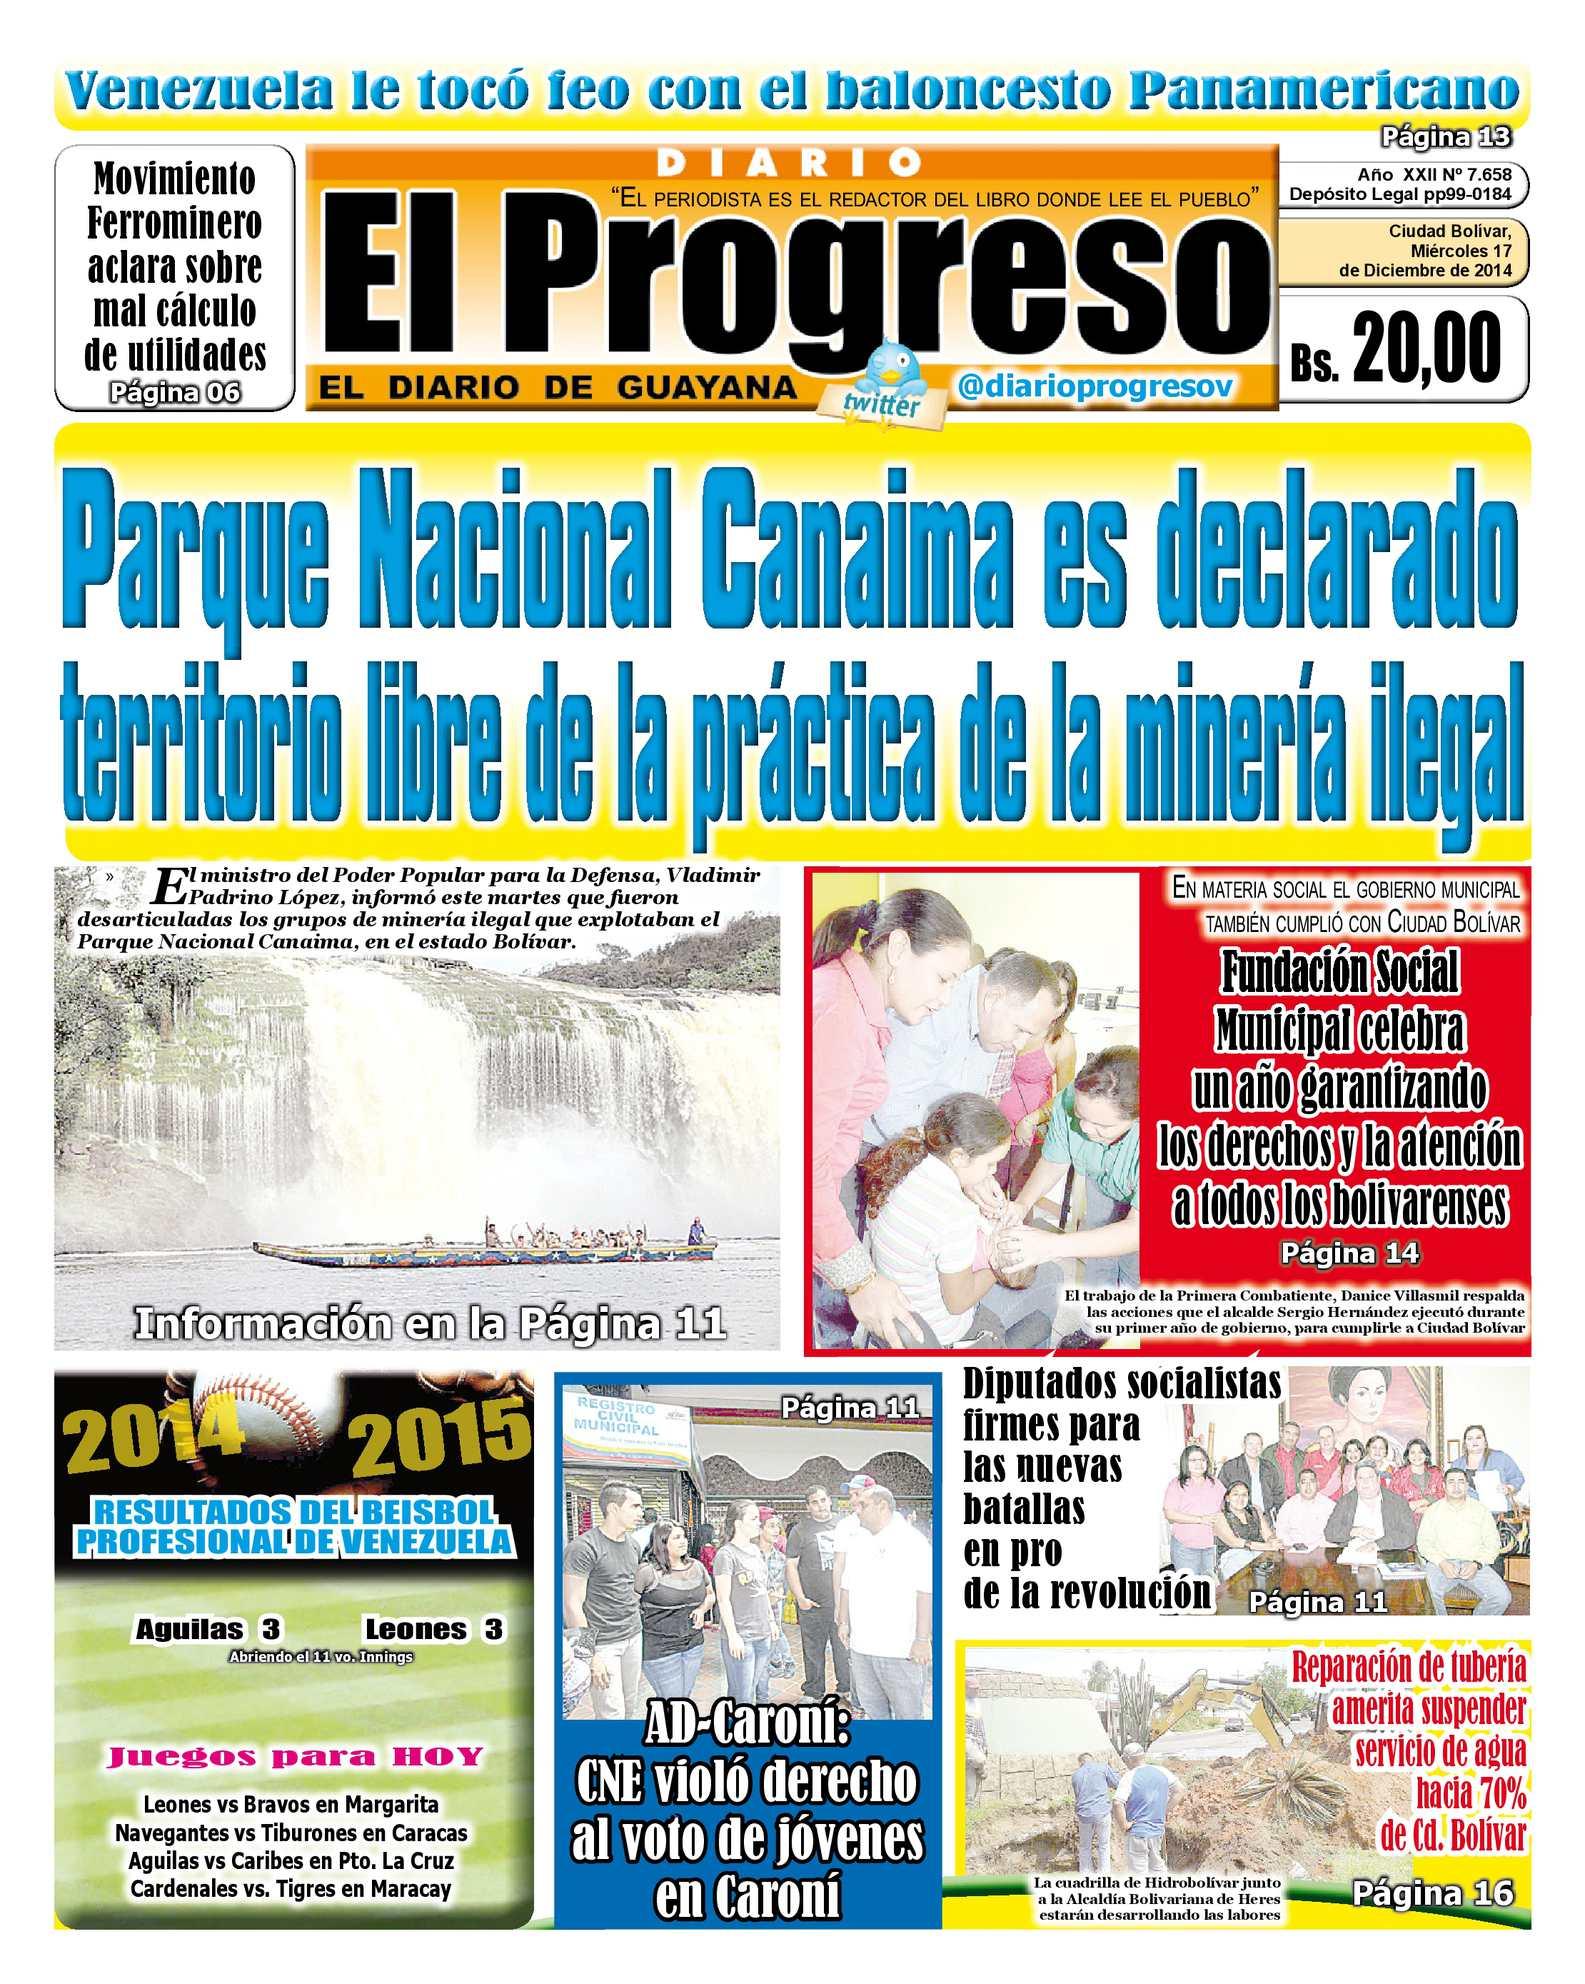 Calaméo - DiarioelprogresoEDICIÓNDIGITAL 17-12-2014 ea6e62071a2